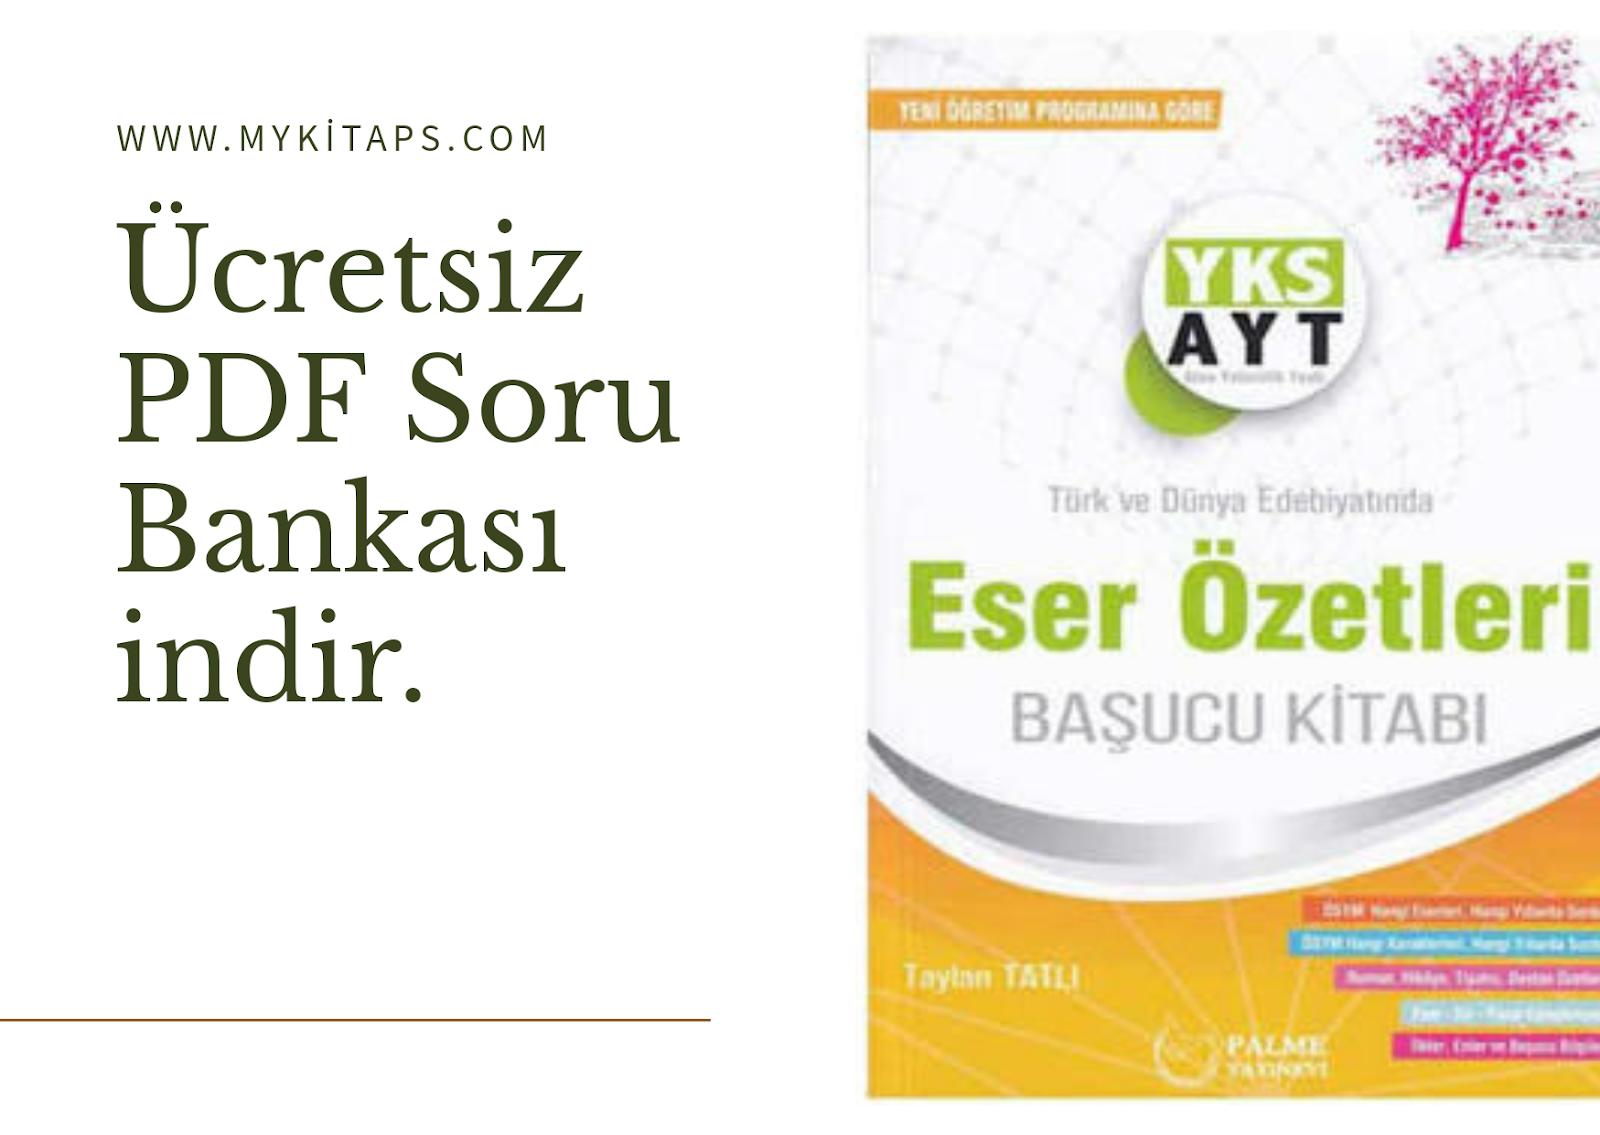 AYT Edebiyat Eser Yazar Özetleri Konu Anlatım Föyü PDF indir